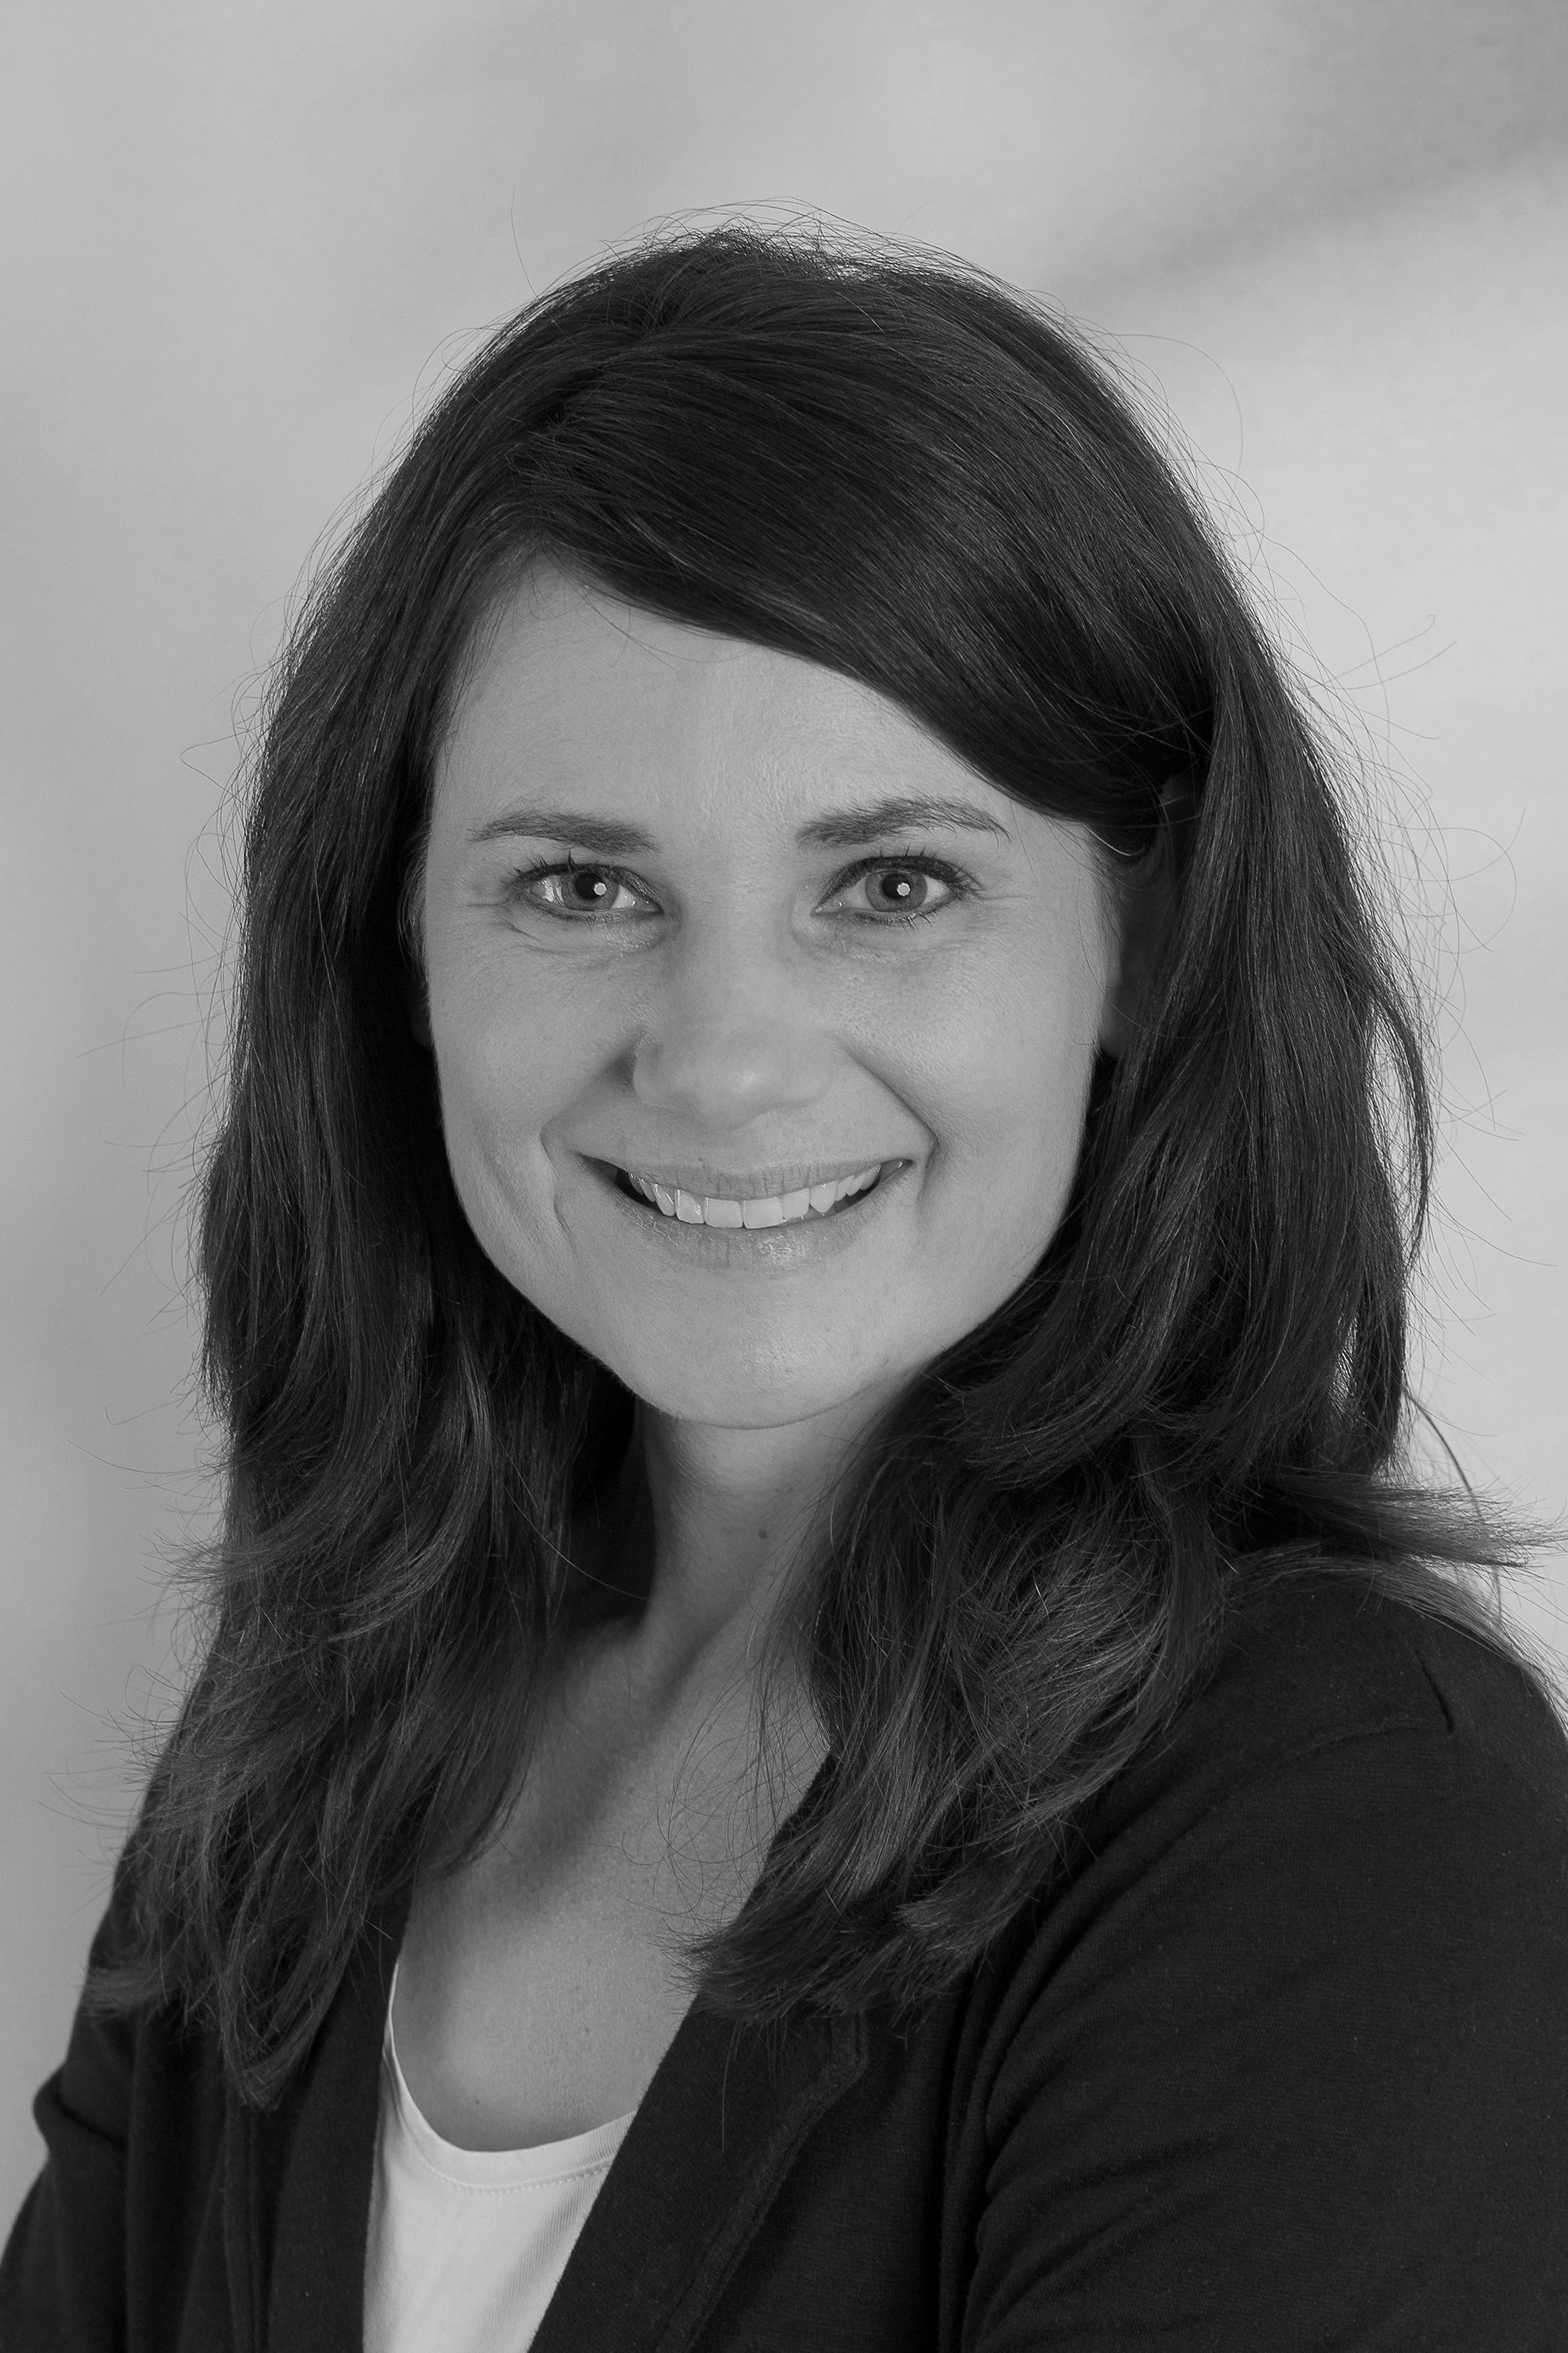 Portrait of Annegret Peitz